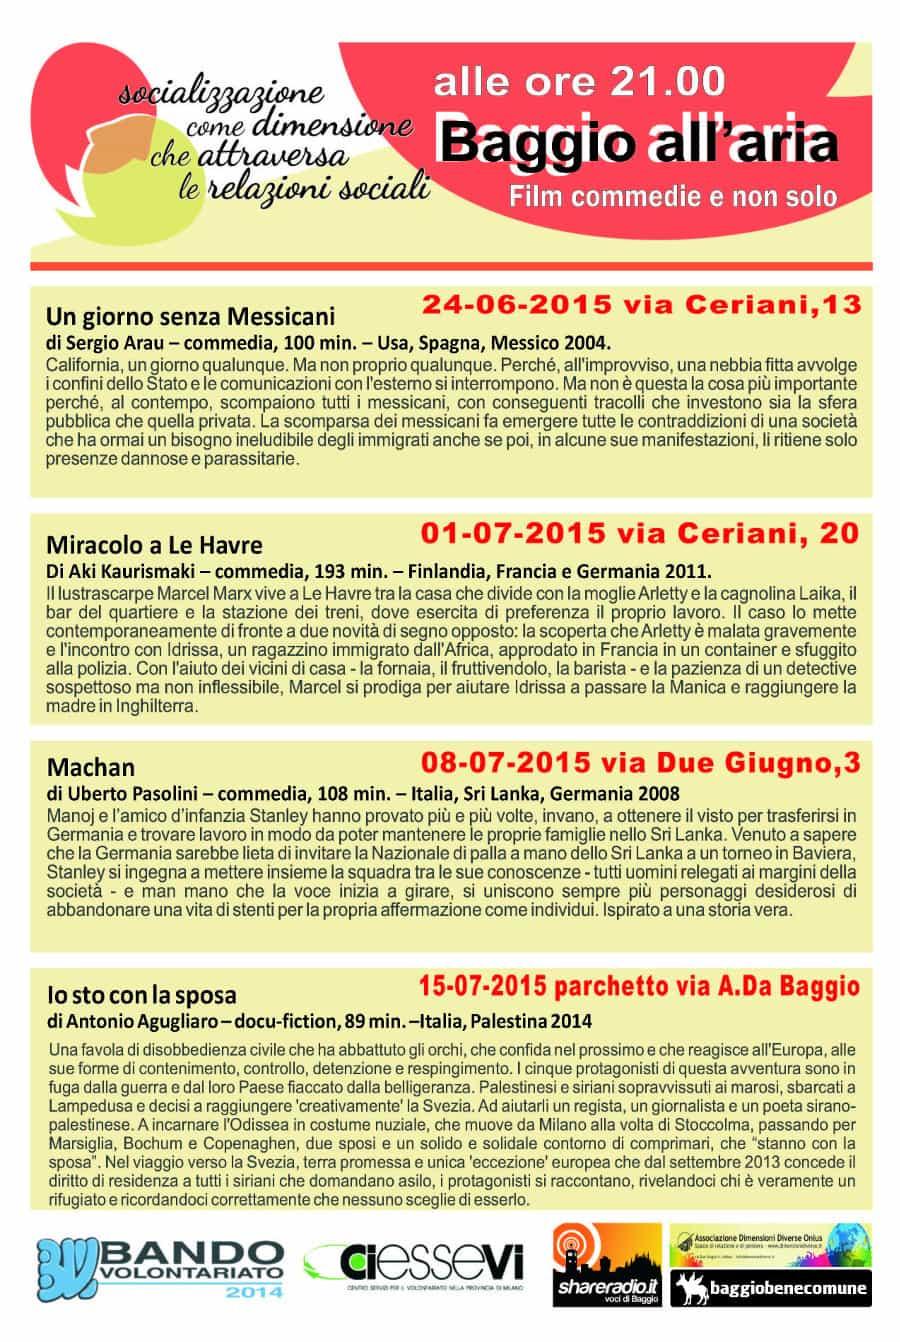 Baggio all'aria - 2015